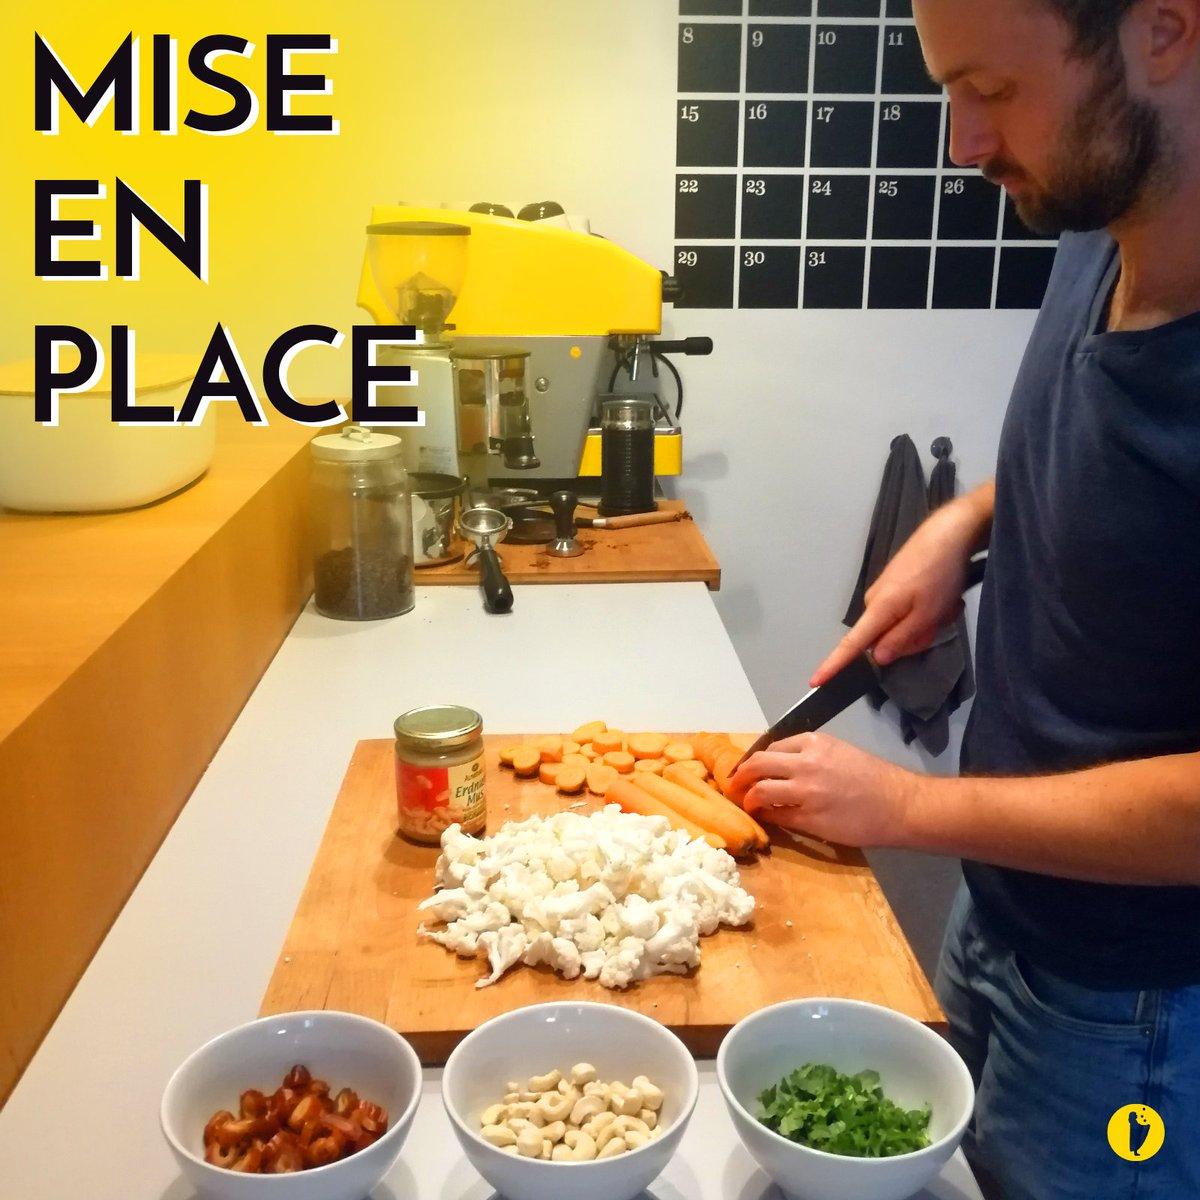 Ordnung ist das halbe Leben – alte chinesische Küchenweisheit. Aber wenn bei uns die Grafik kocht wird daraus schnell mal ein kreatives Chaos. #kreativeschaos #kitchennightmarepic.twitter.com/vw0dQL1mqe